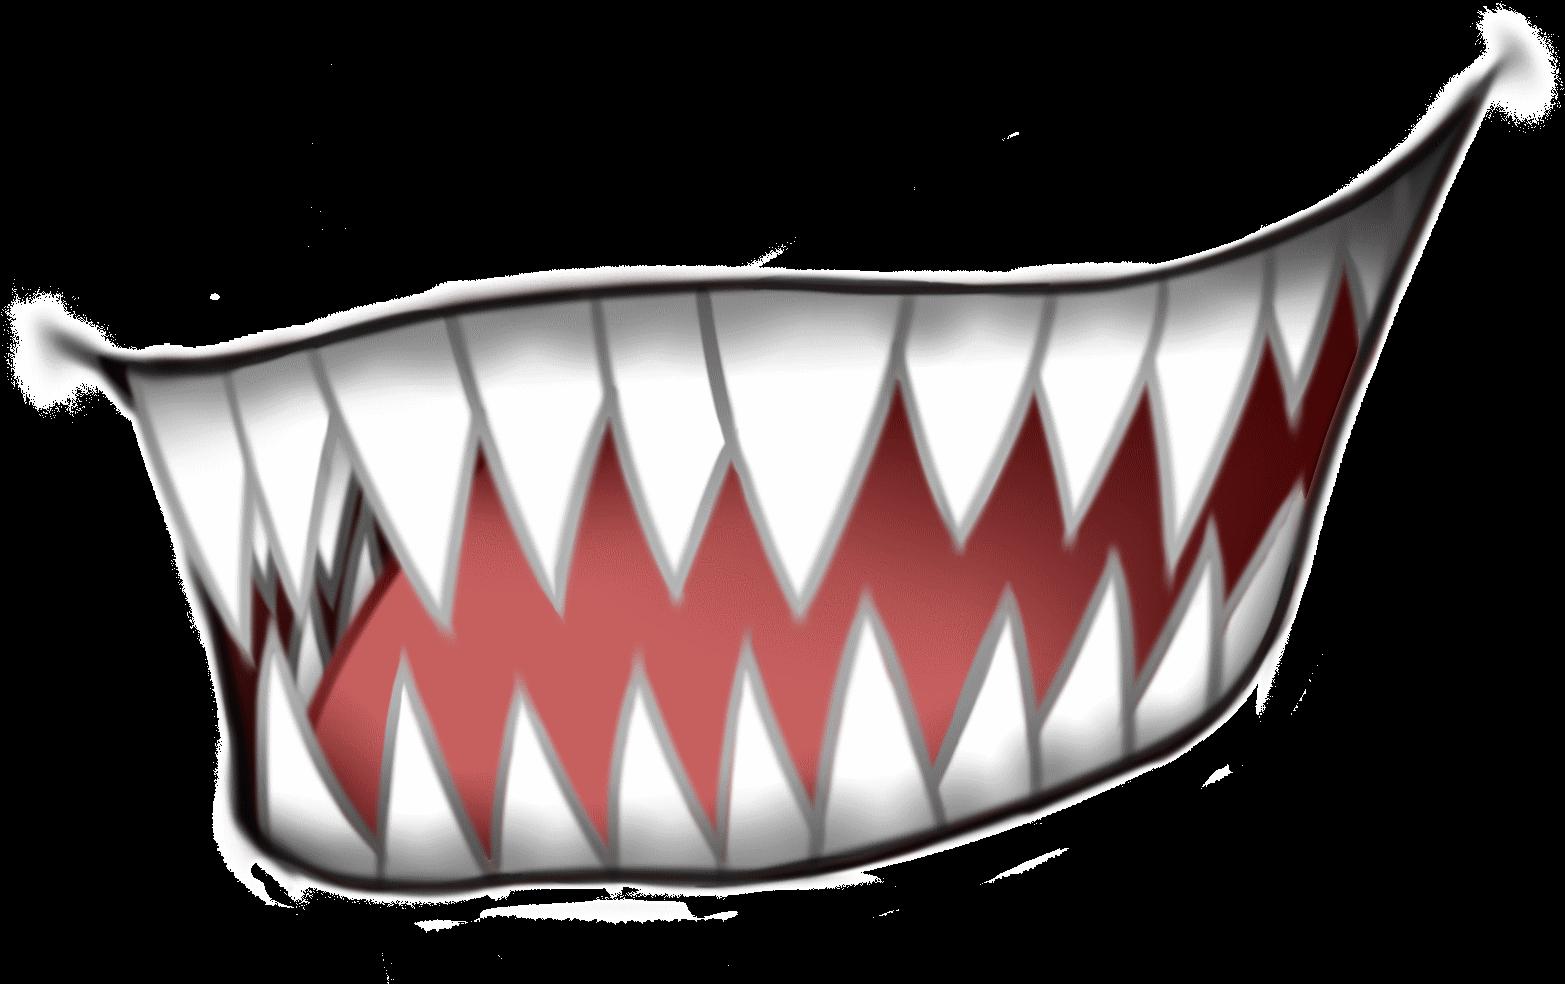 Cartoon Smile Teeth Stock Illustrations – 28,604 Cartoon Smile Teeth Stock  Illustrations, Vectors & Clipart - Dreamstime